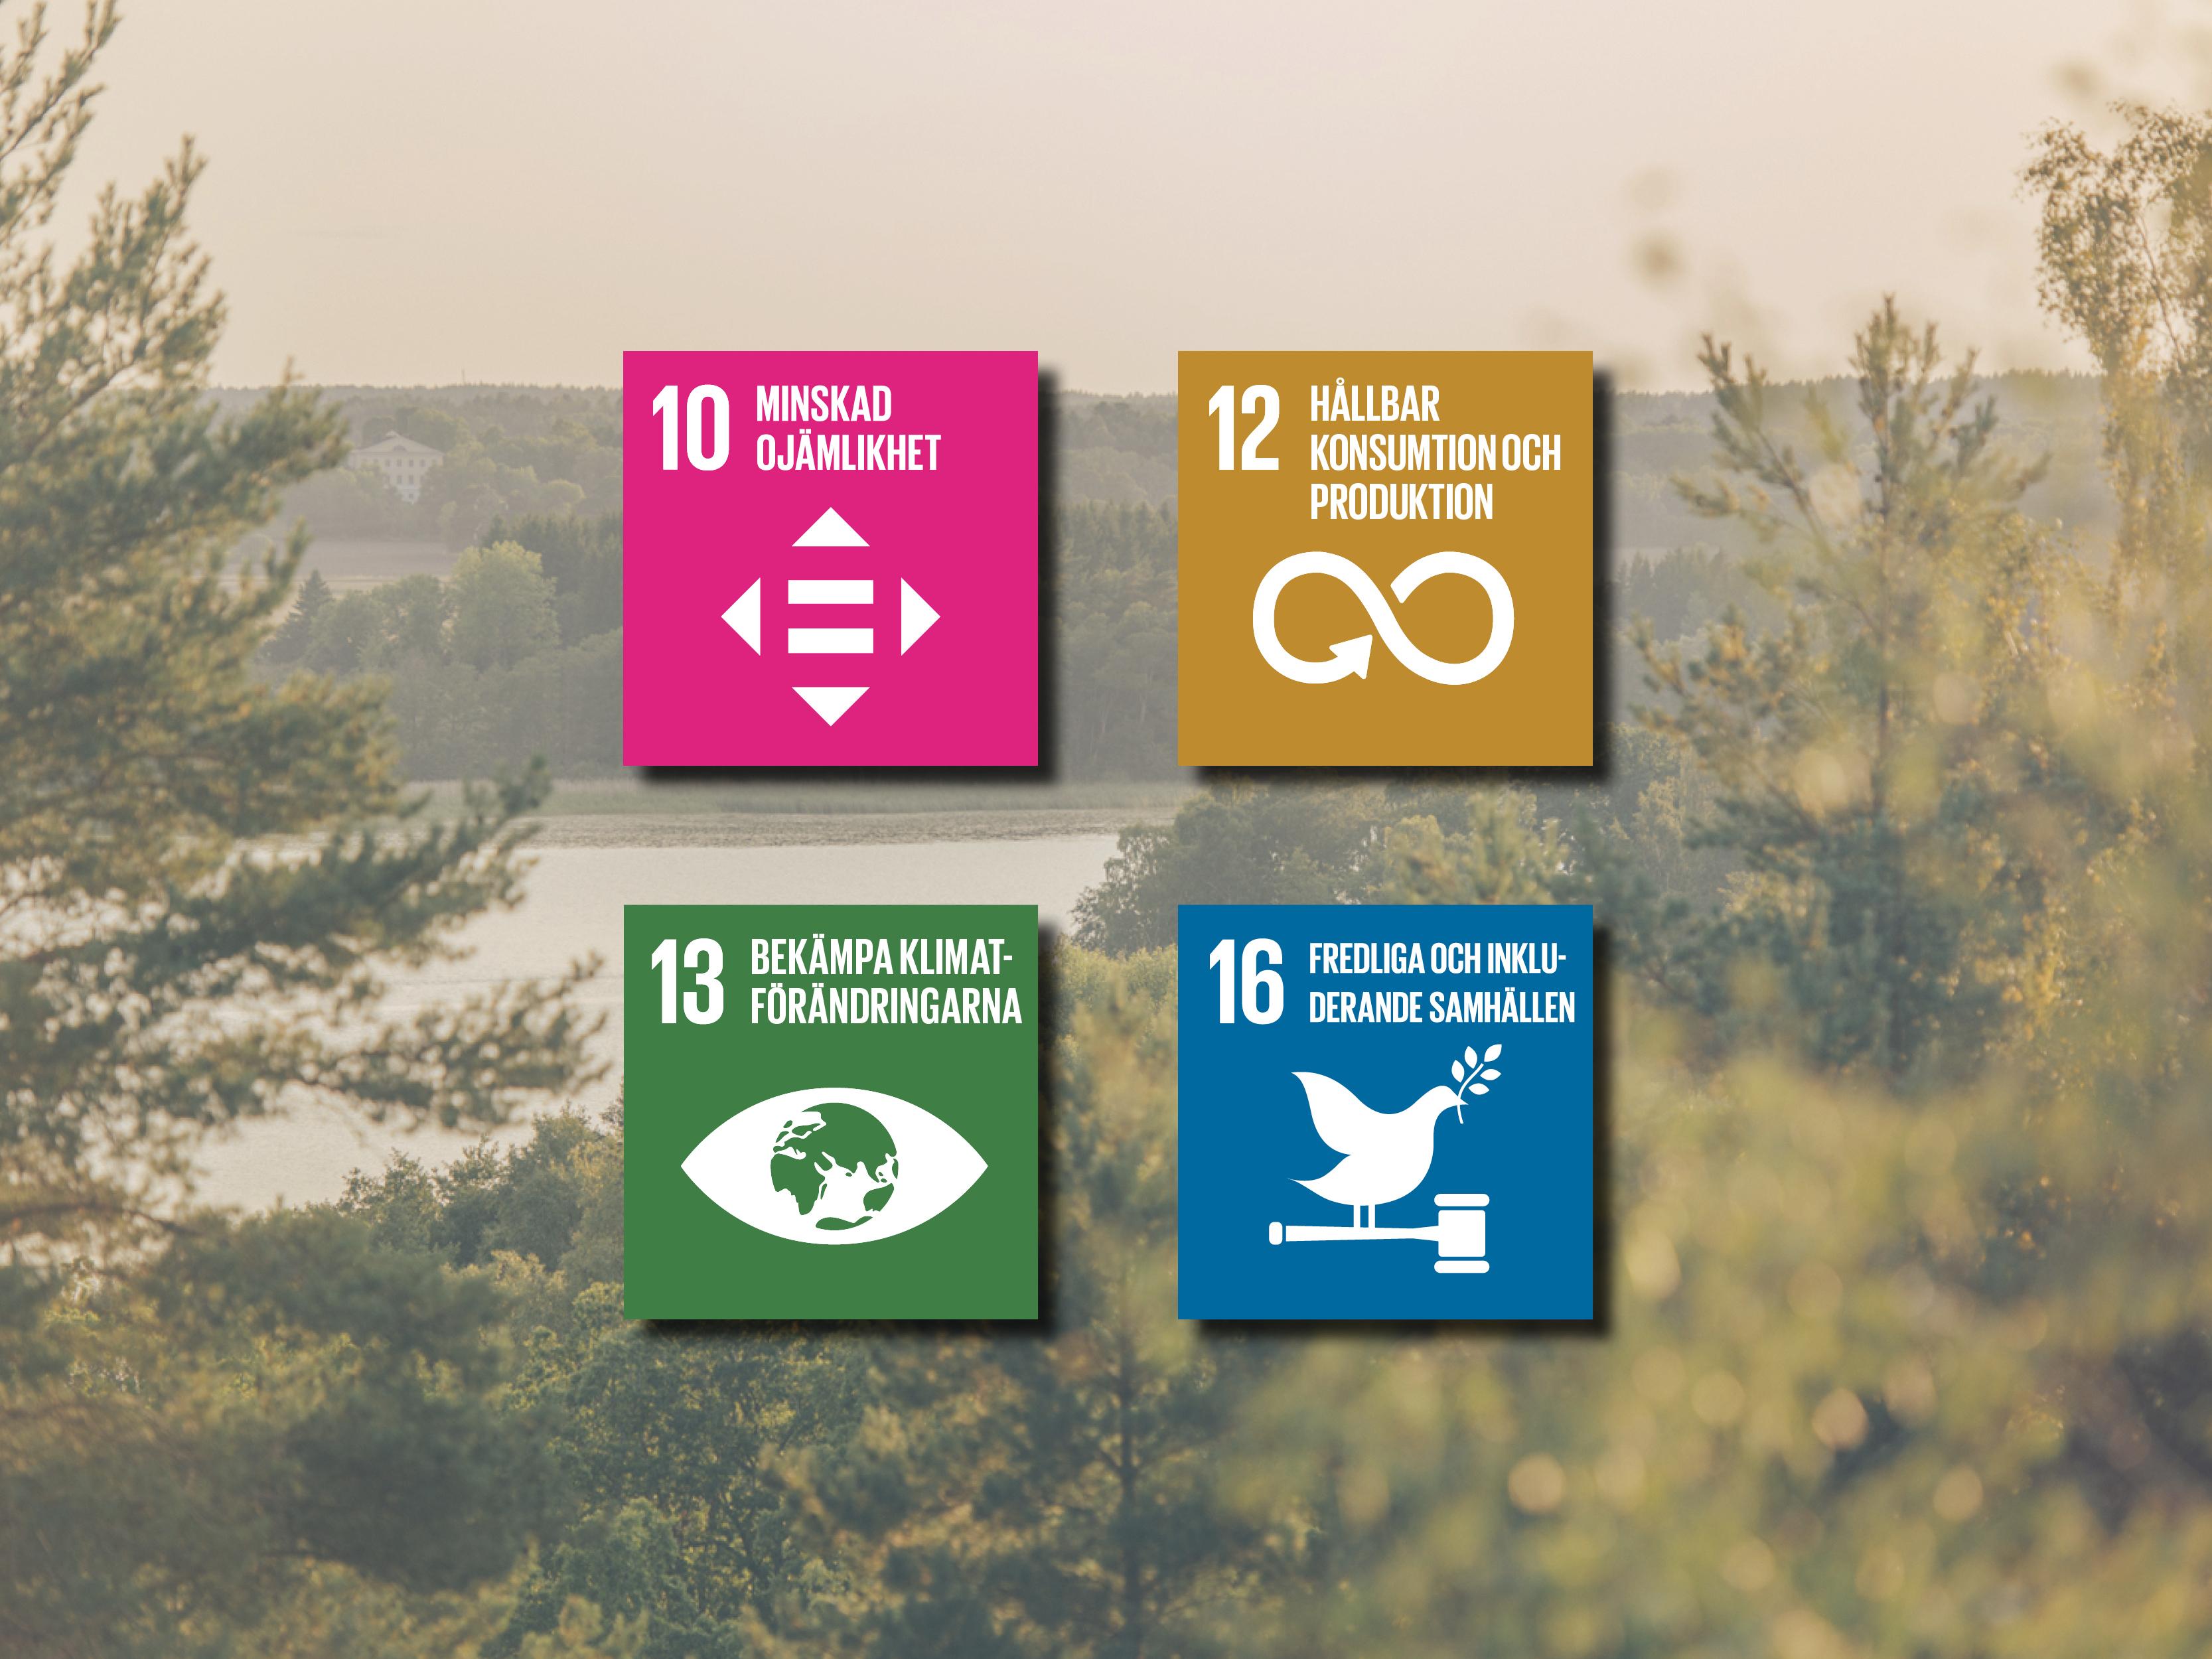 Sekundära Globala målen på Sigtunahäjden